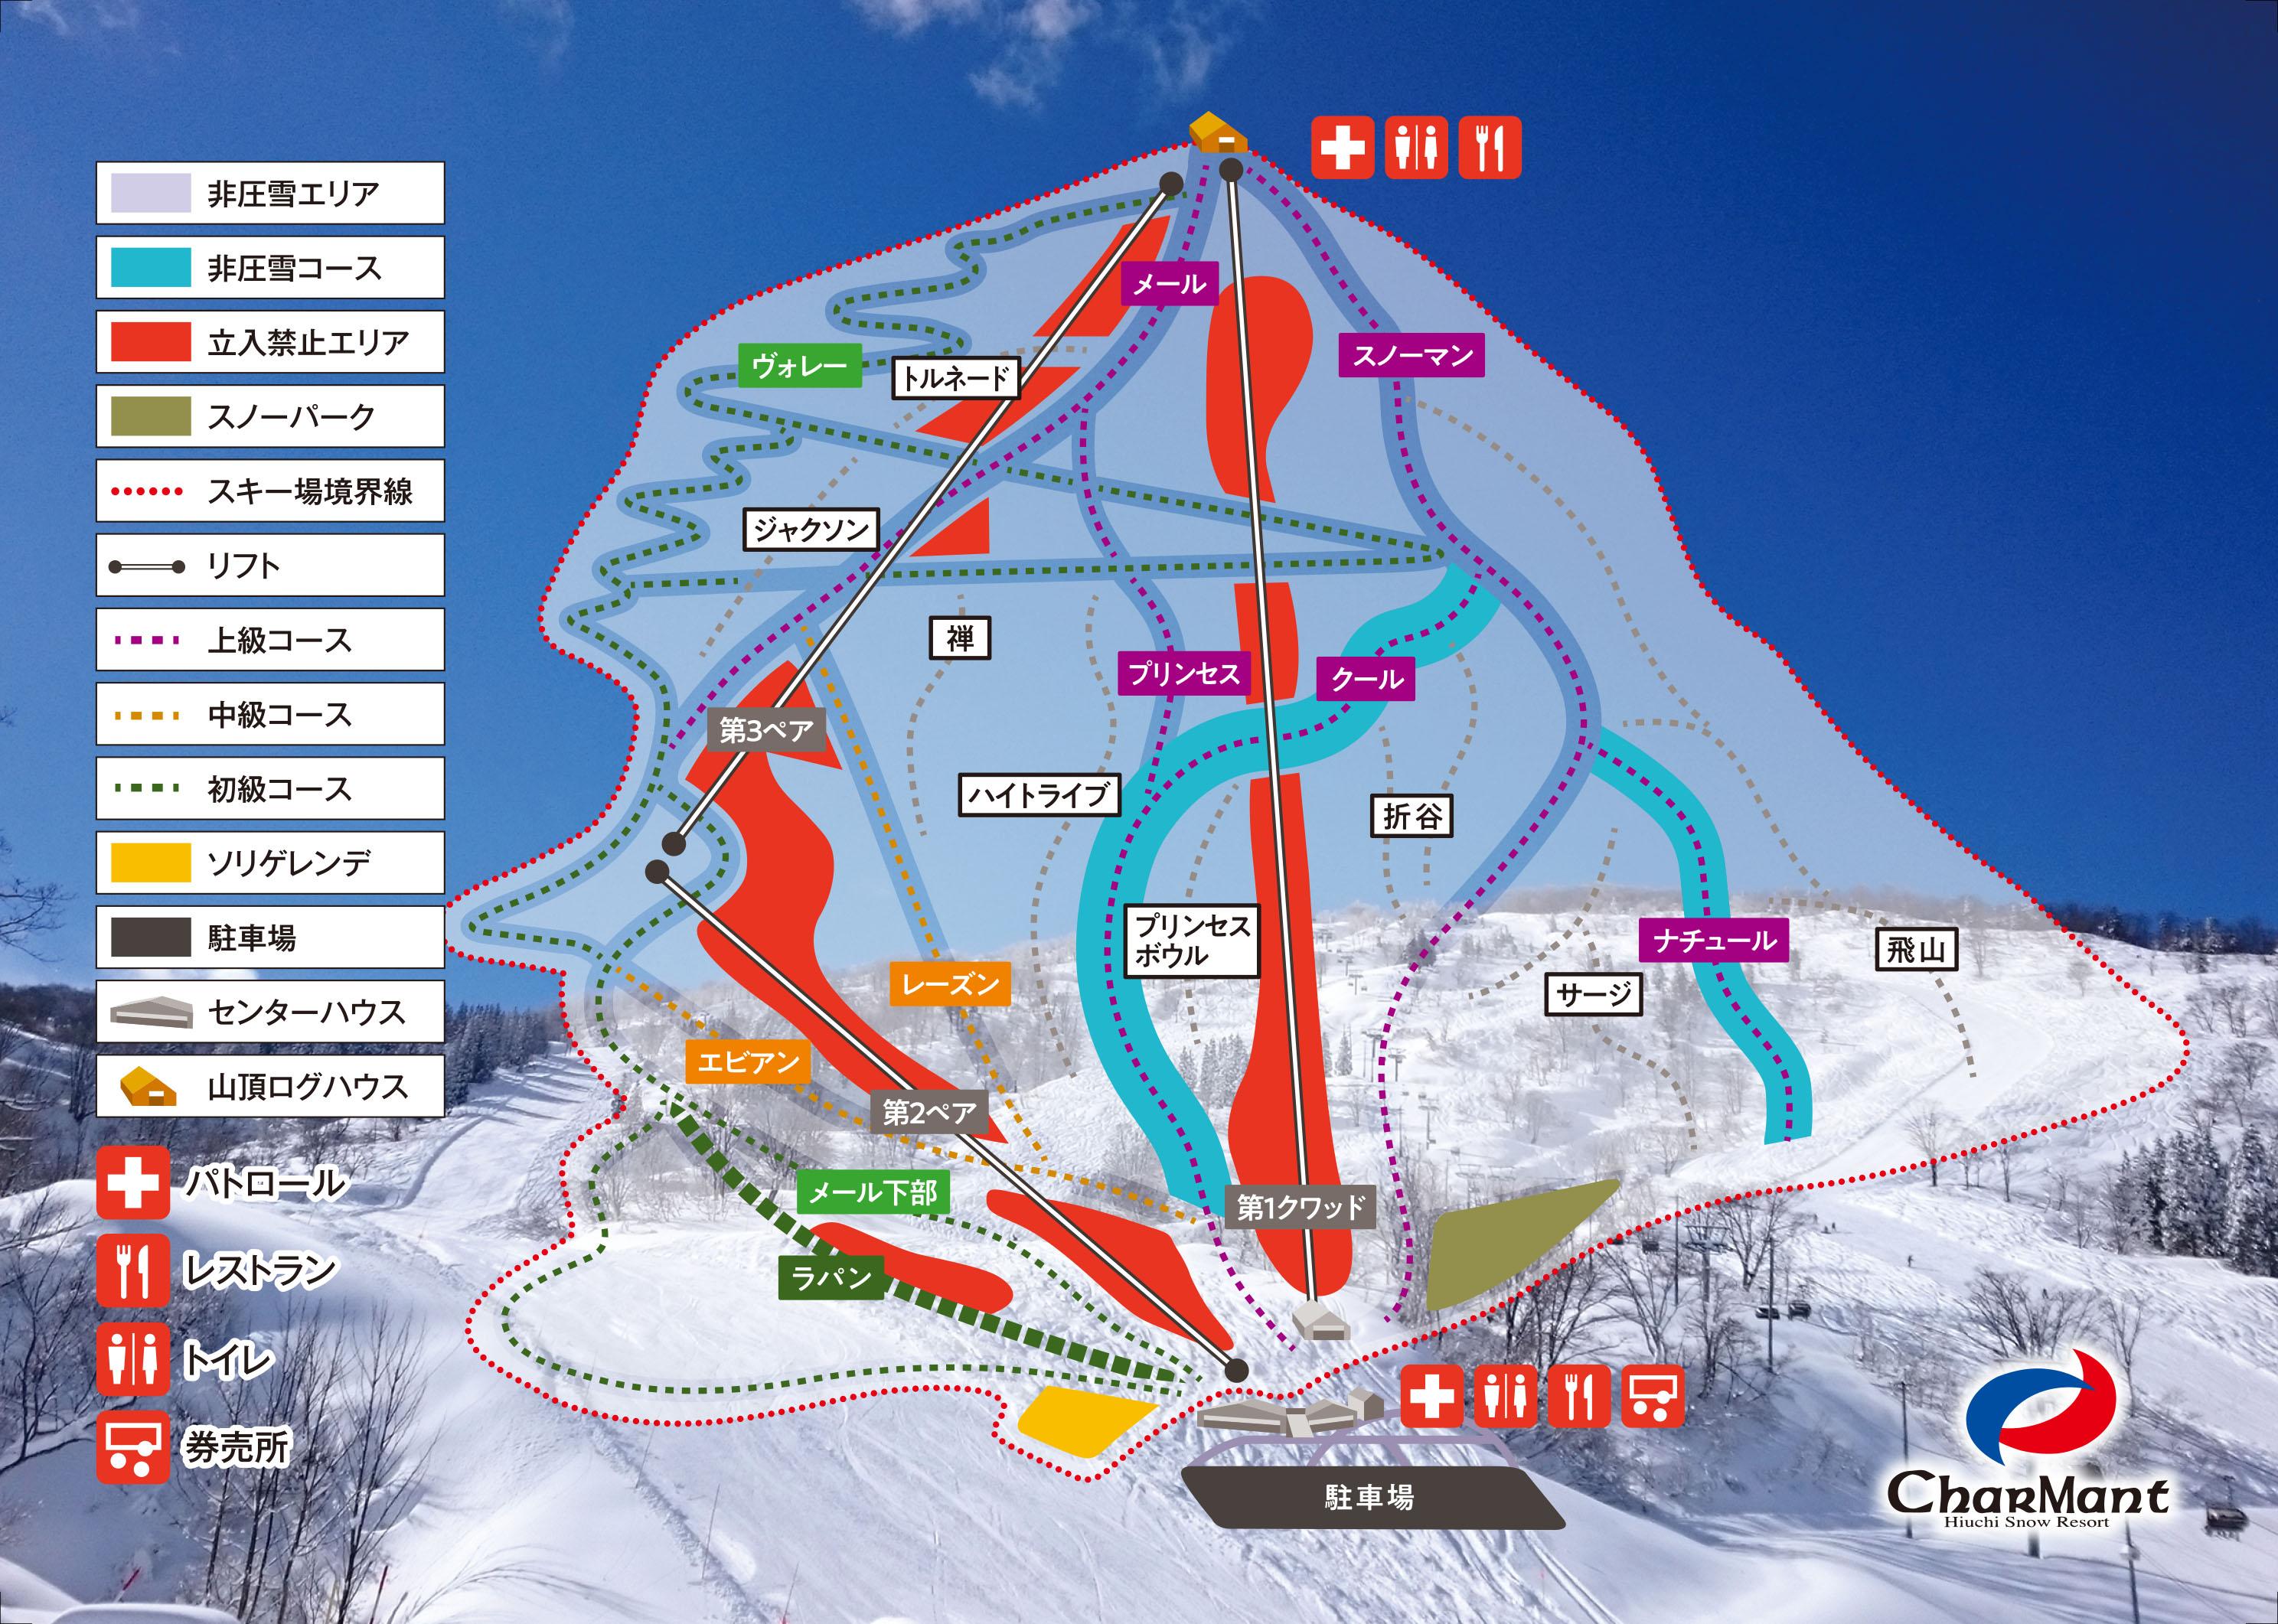 シャルマン火打ちスキー場 ゲレンデマップ